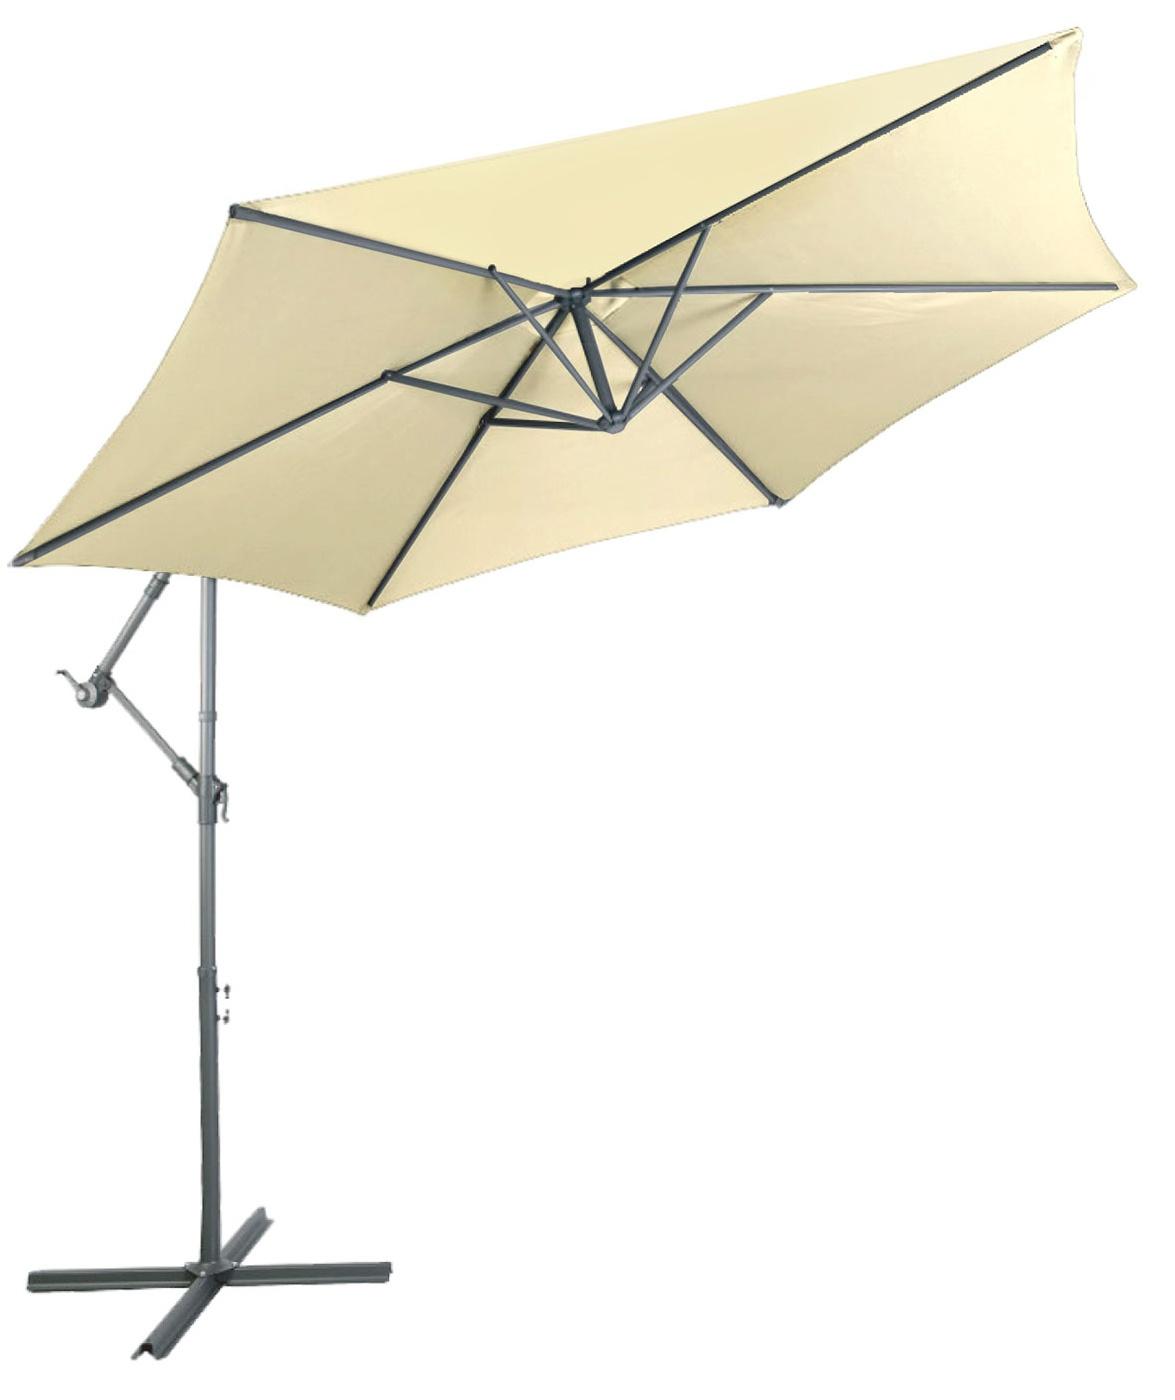 Linder Exclusiv Zahradní slunečník konzolový MC2007 300 cm Biege